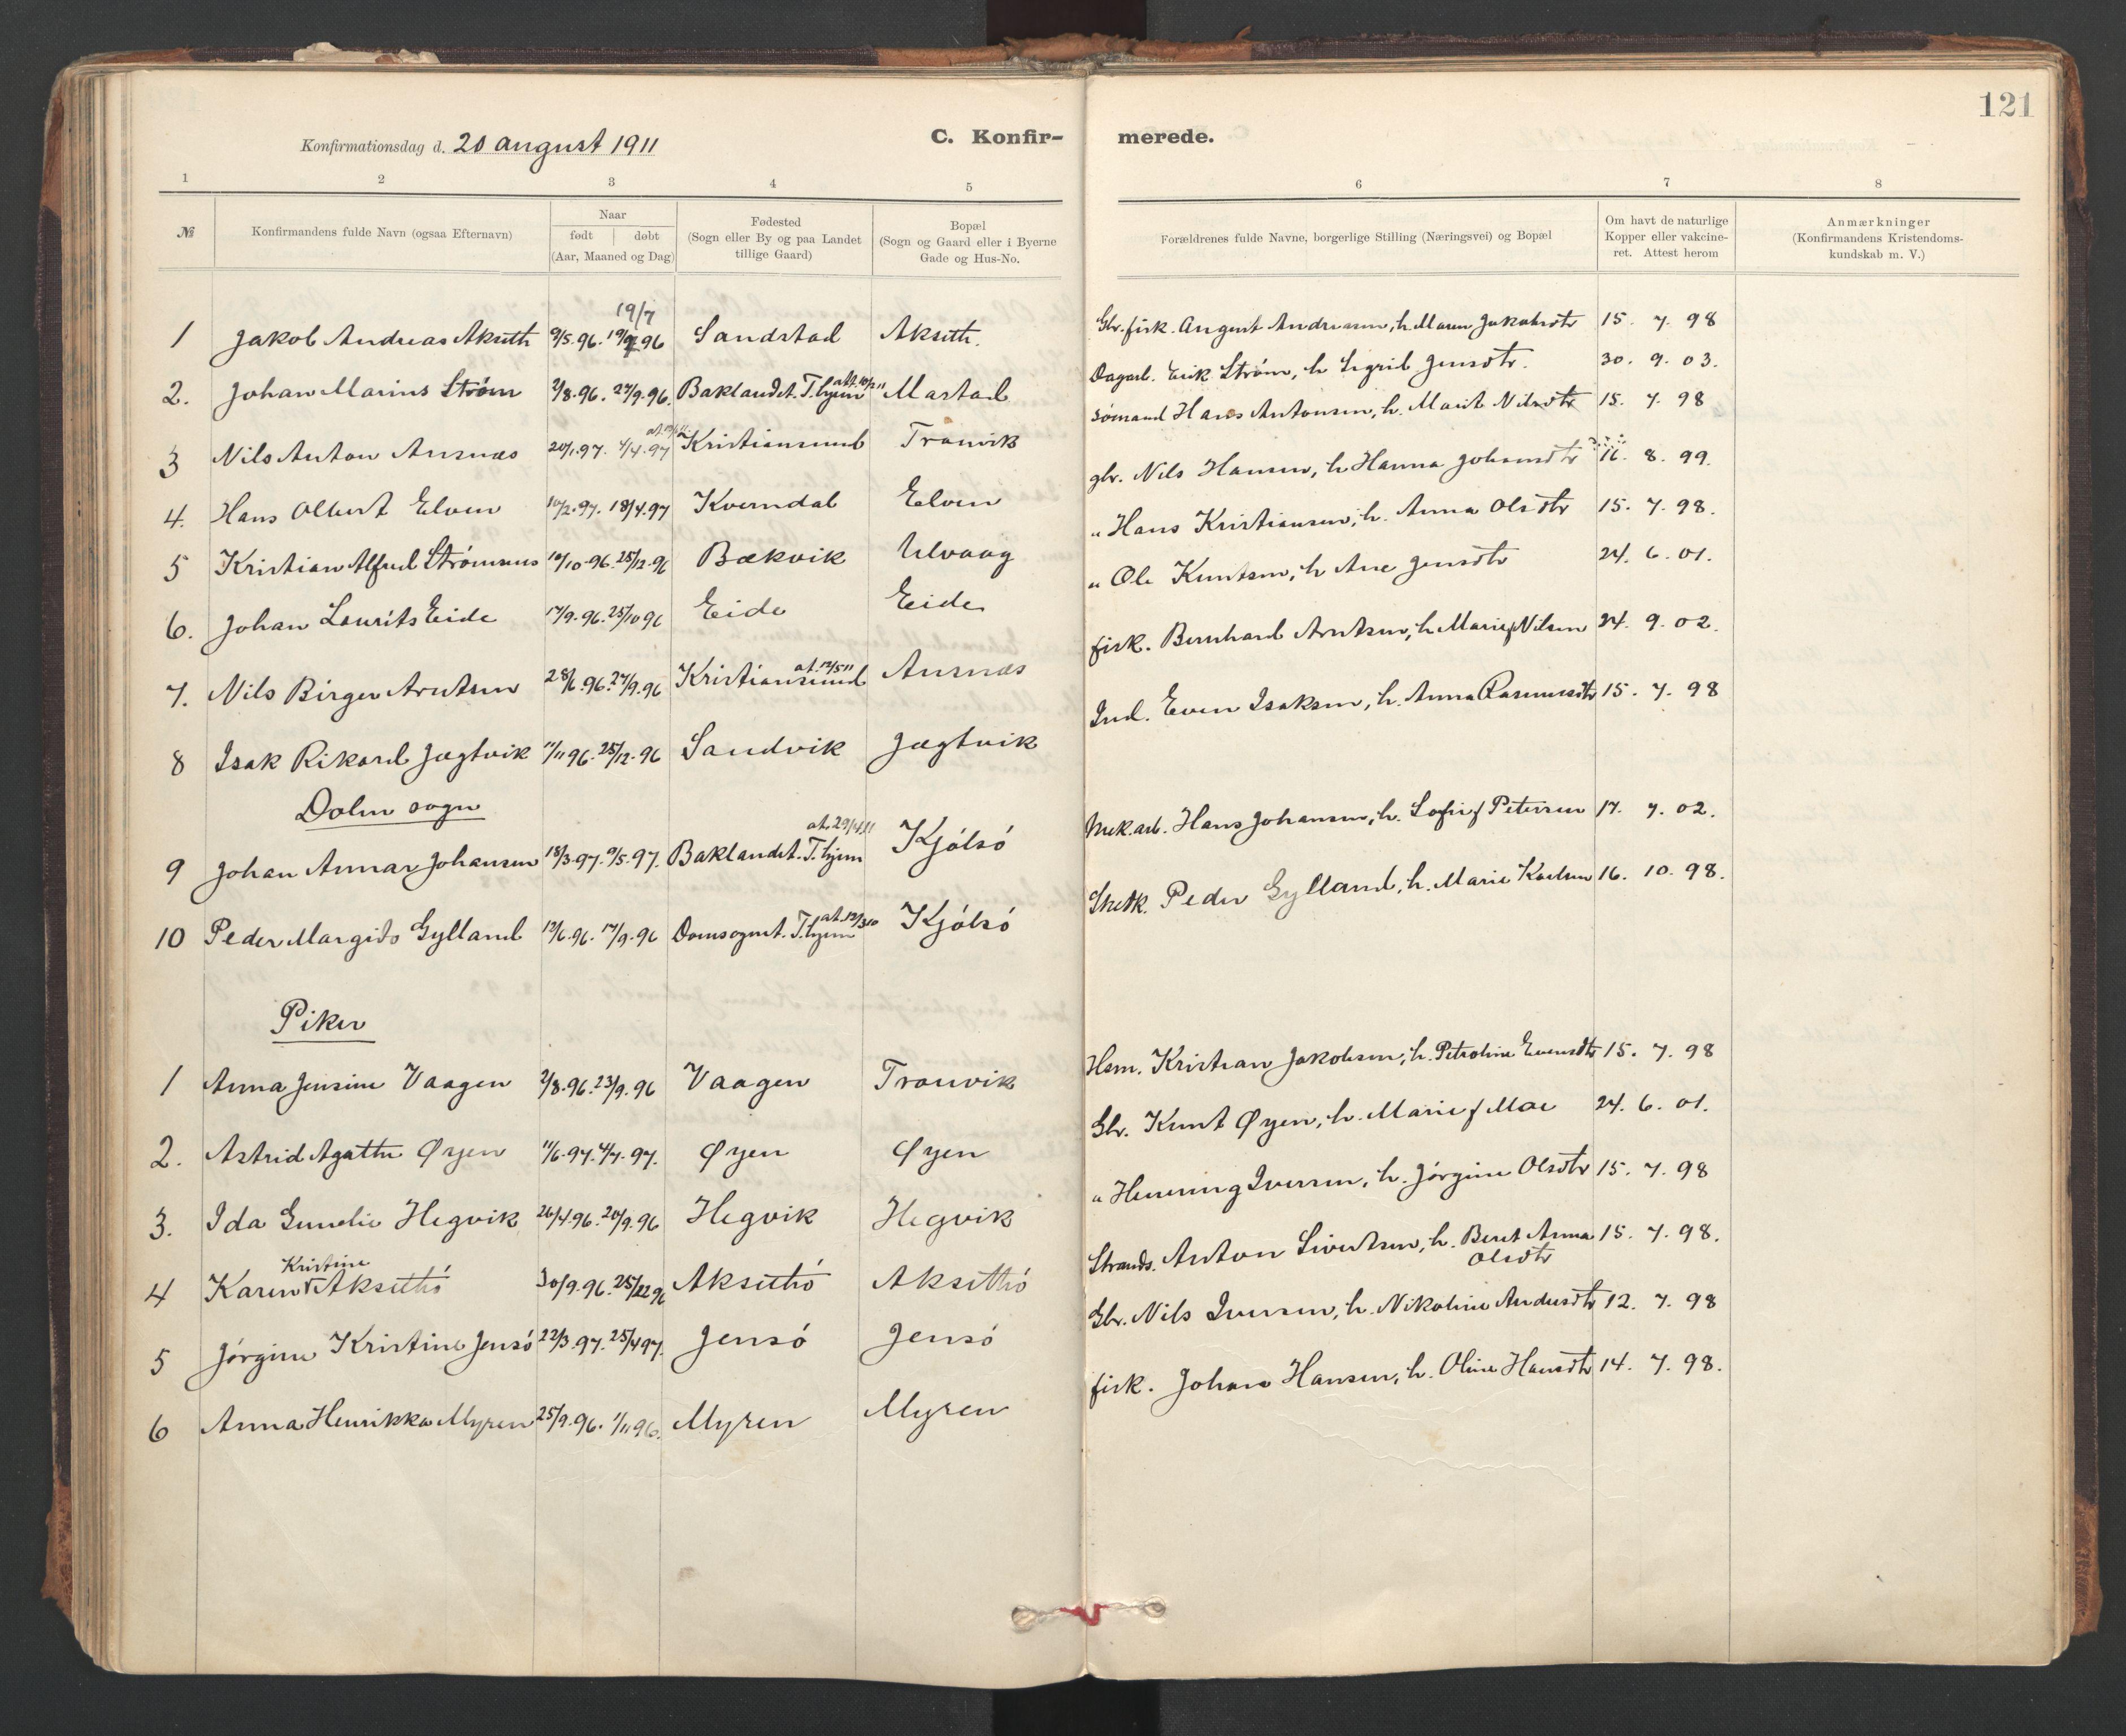 SAT, Ministerialprotokoller, klokkerbøker og fødselsregistre - Sør-Trøndelag, 637/L0559: Ministerialbok nr. 637A02, 1899-1923, s. 121